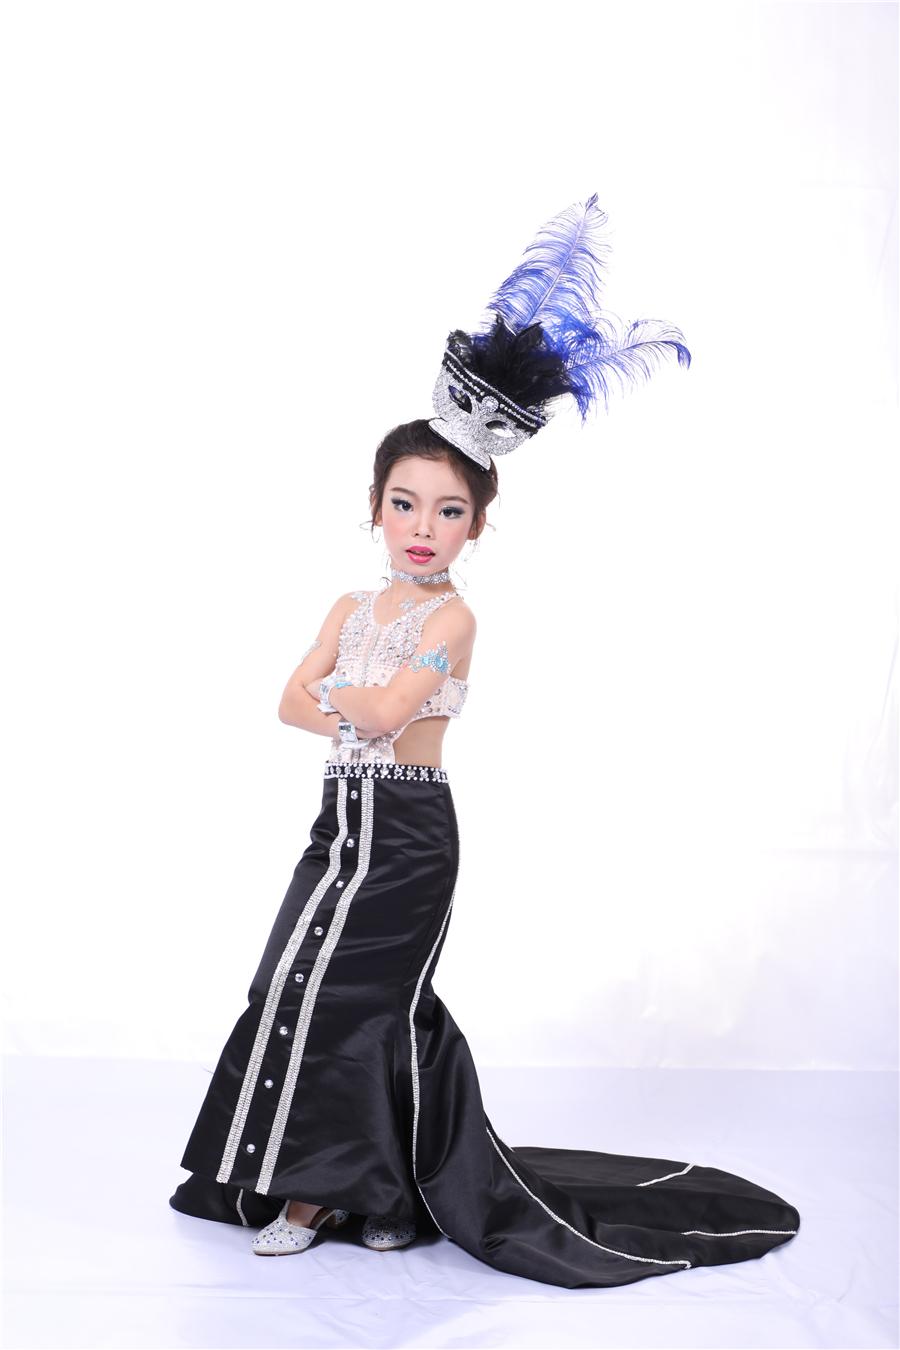 戴瑞—2017第六屆SKMD中國國際超級少兒模特大賽——幼兒組亞軍